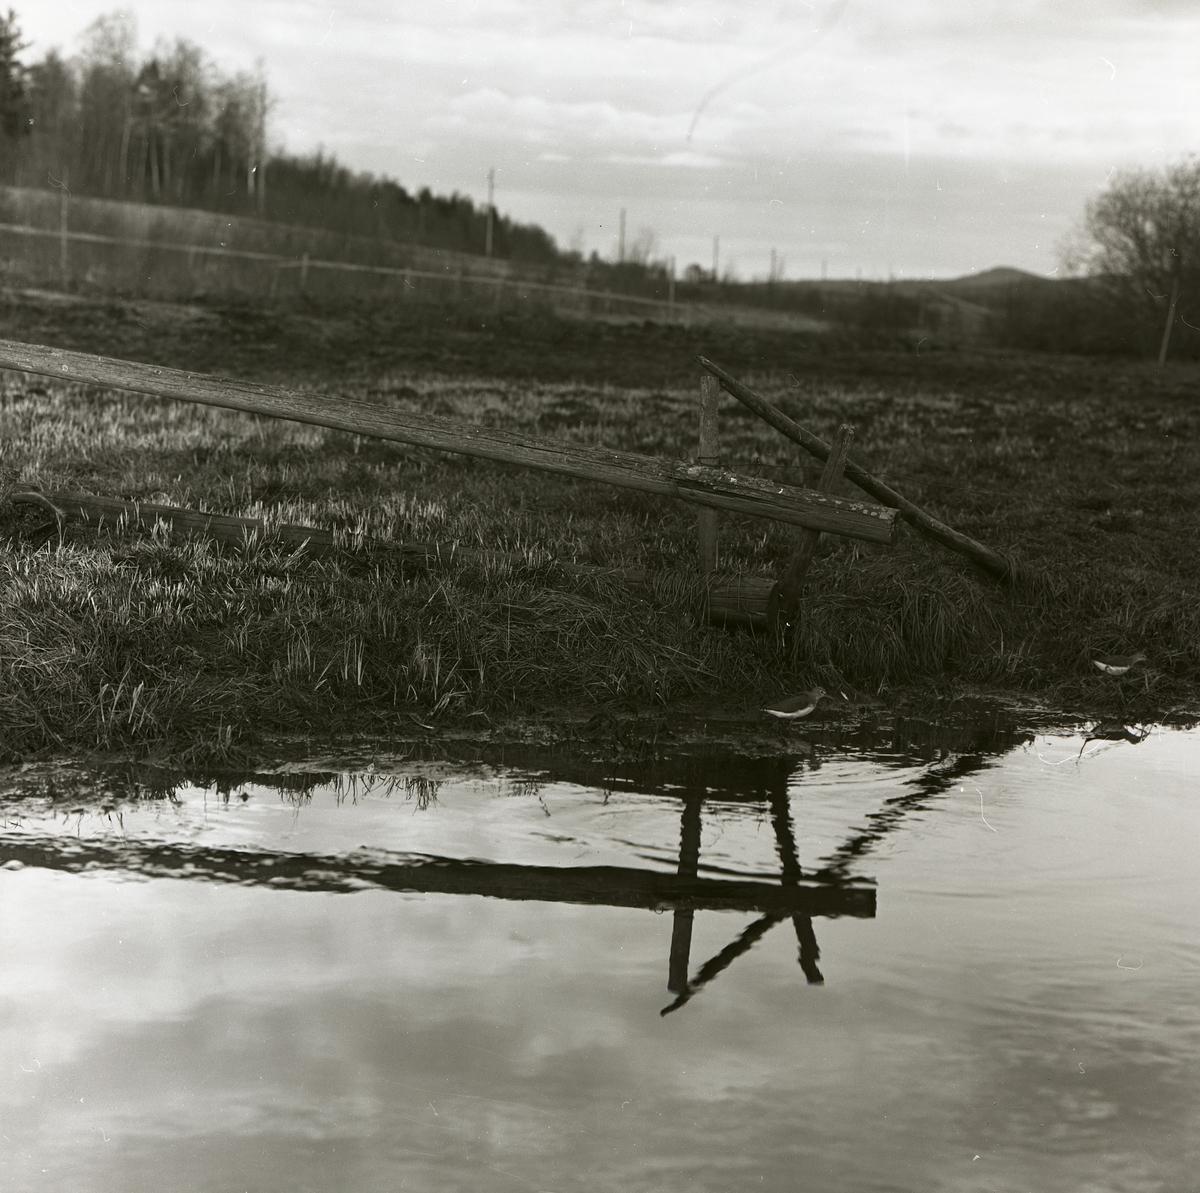 Två drillsnäppor står i vattnet nedanför en stolpe, maj 1963.